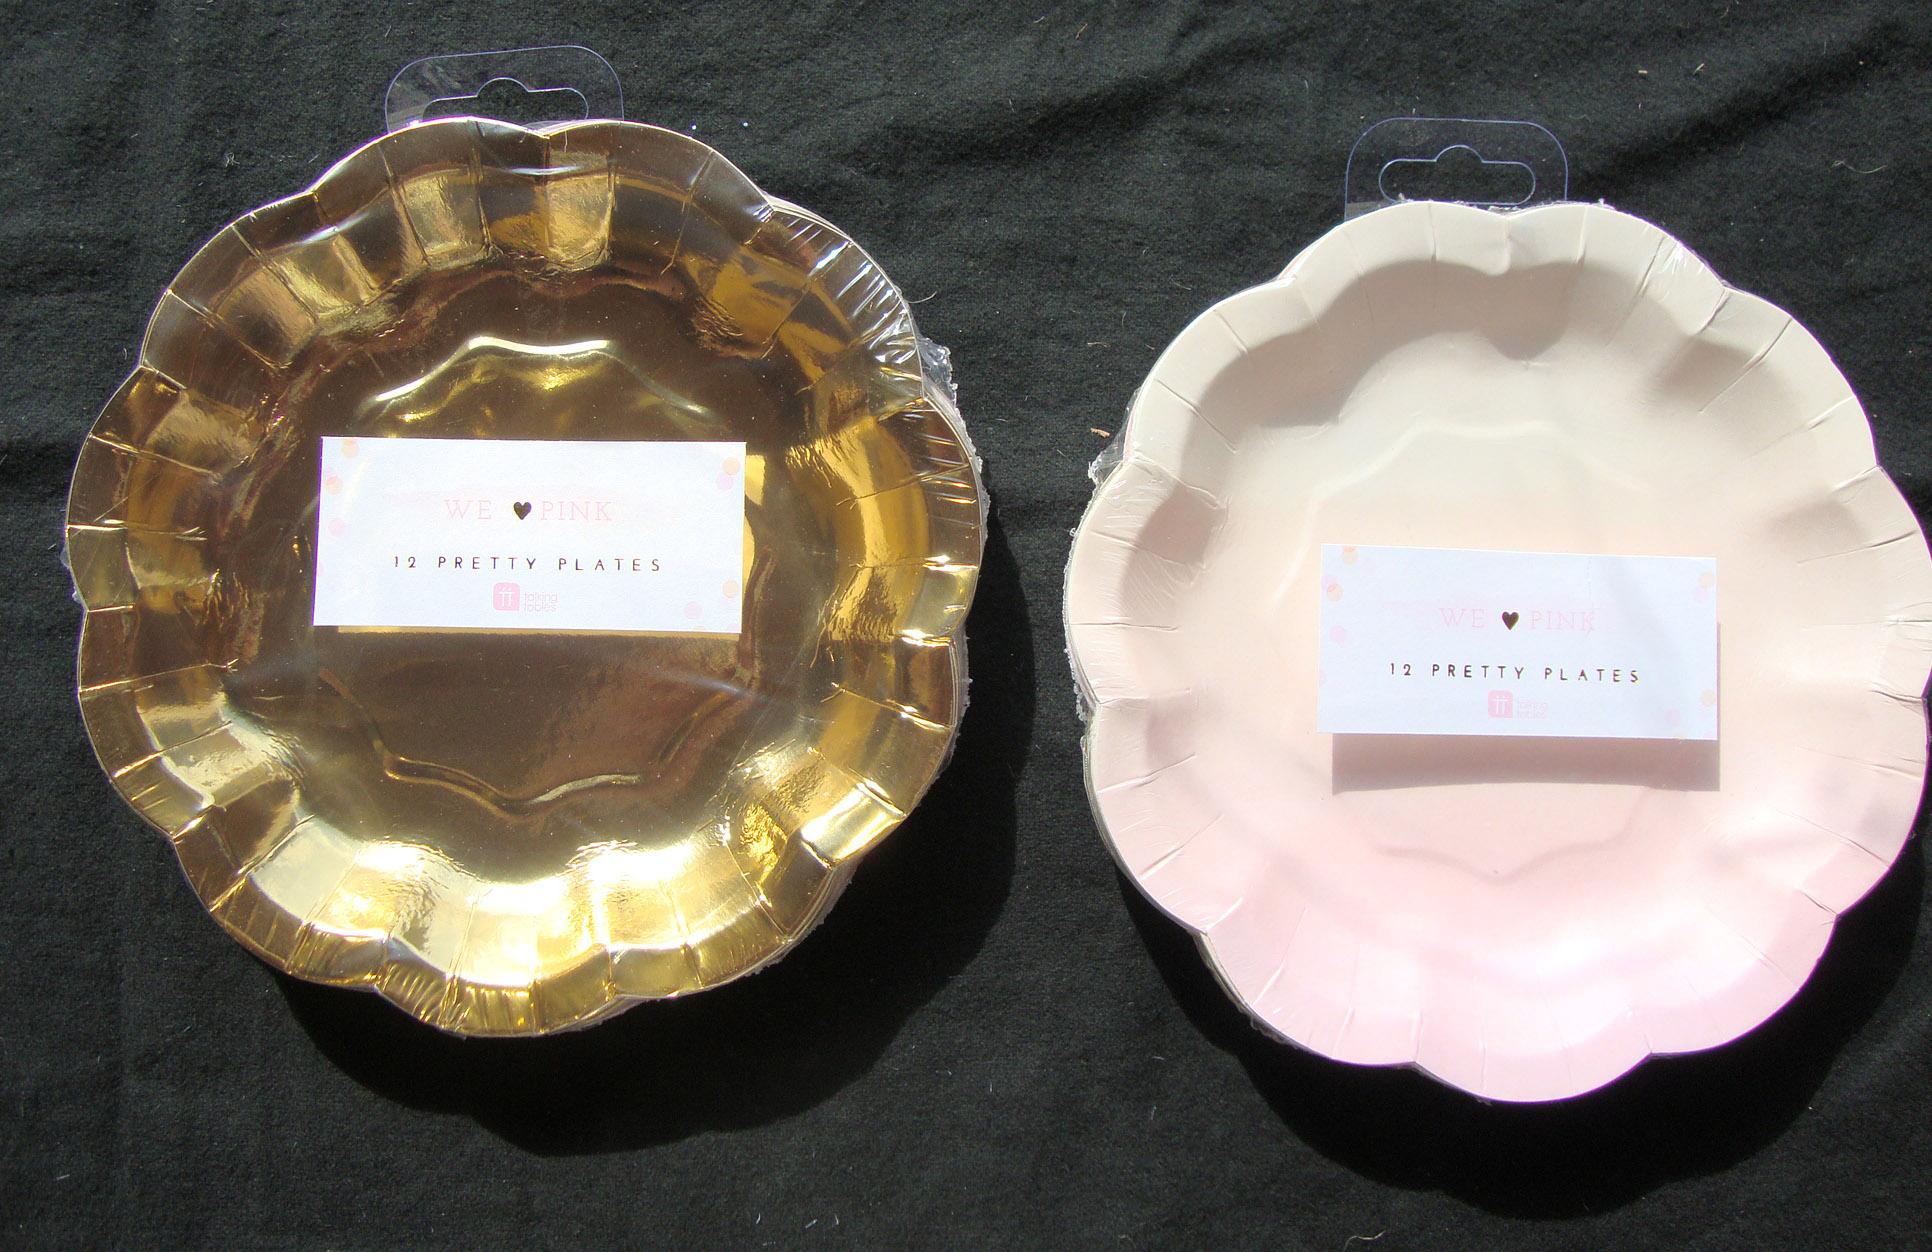 Piatti Di Carta Battesimo : Rosa oro piatti di carta baby shower battesimo ragazze ebay